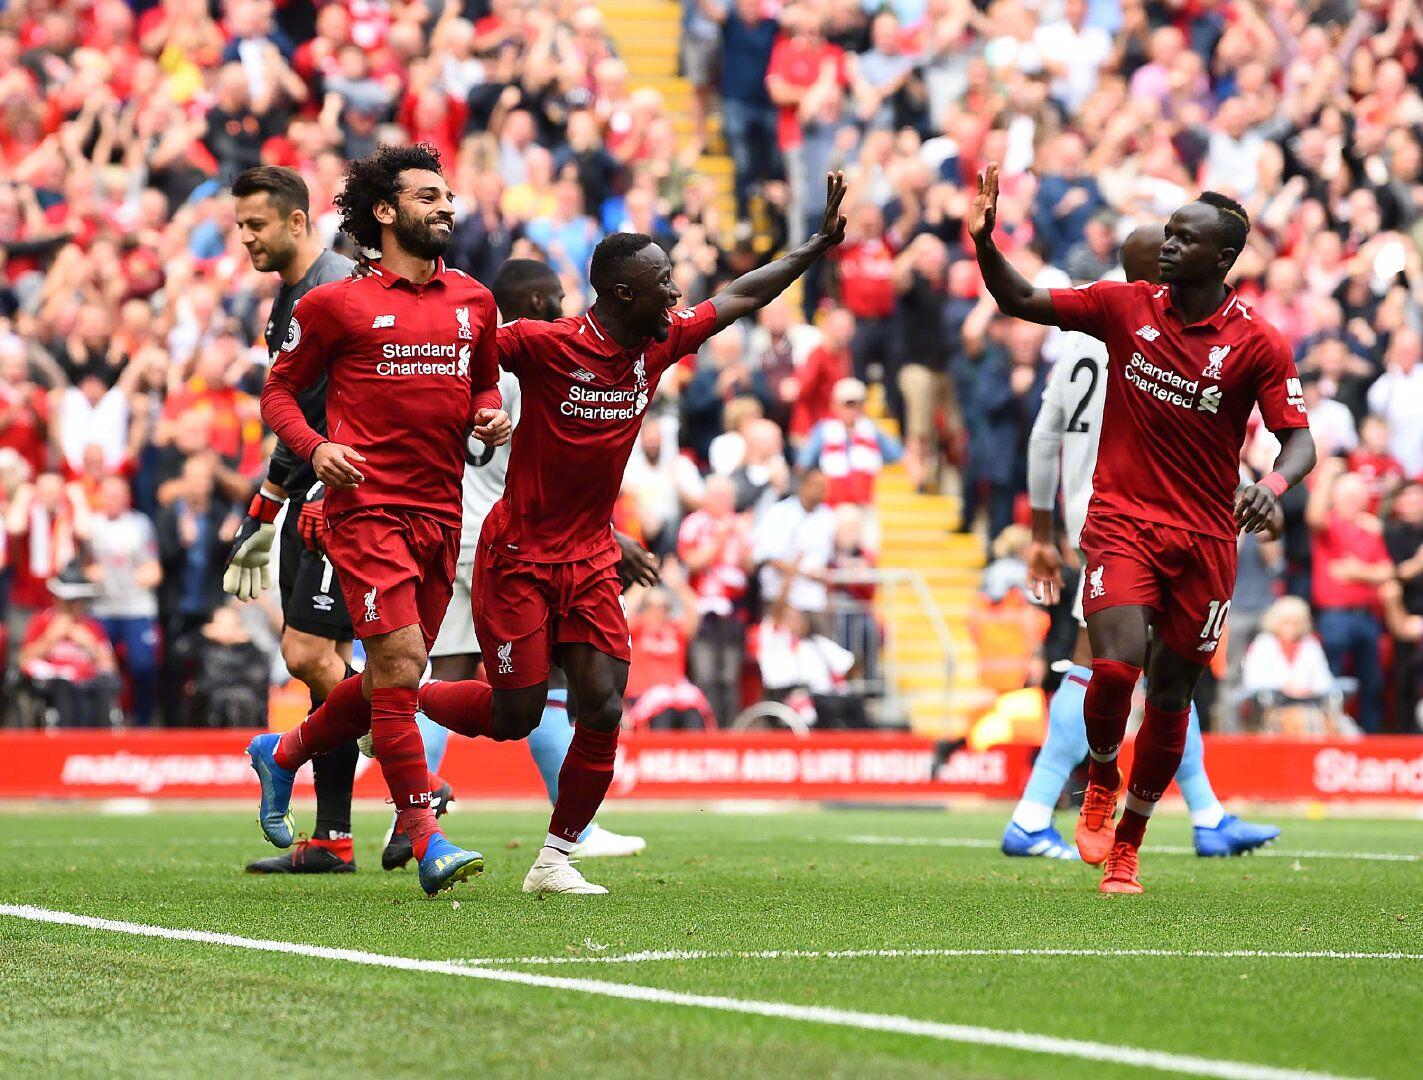 稳吗?利物浦近6次联赛对西汉姆5胜1平,进19球丢3球